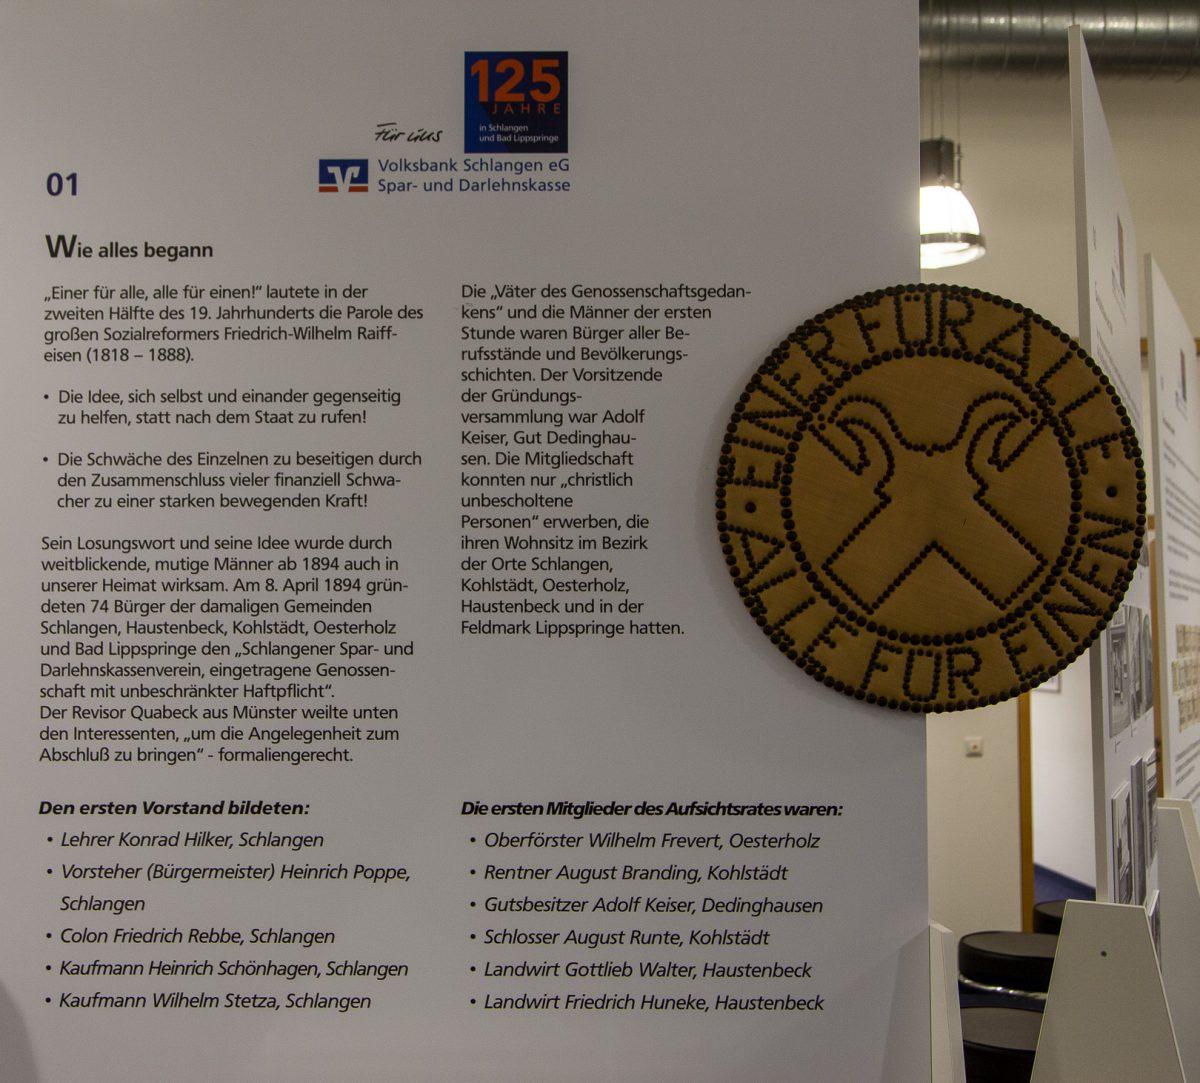 Schautafel zur Gründung der Spar- nd Darlehnskasse Schlangen am 8. April 1894.